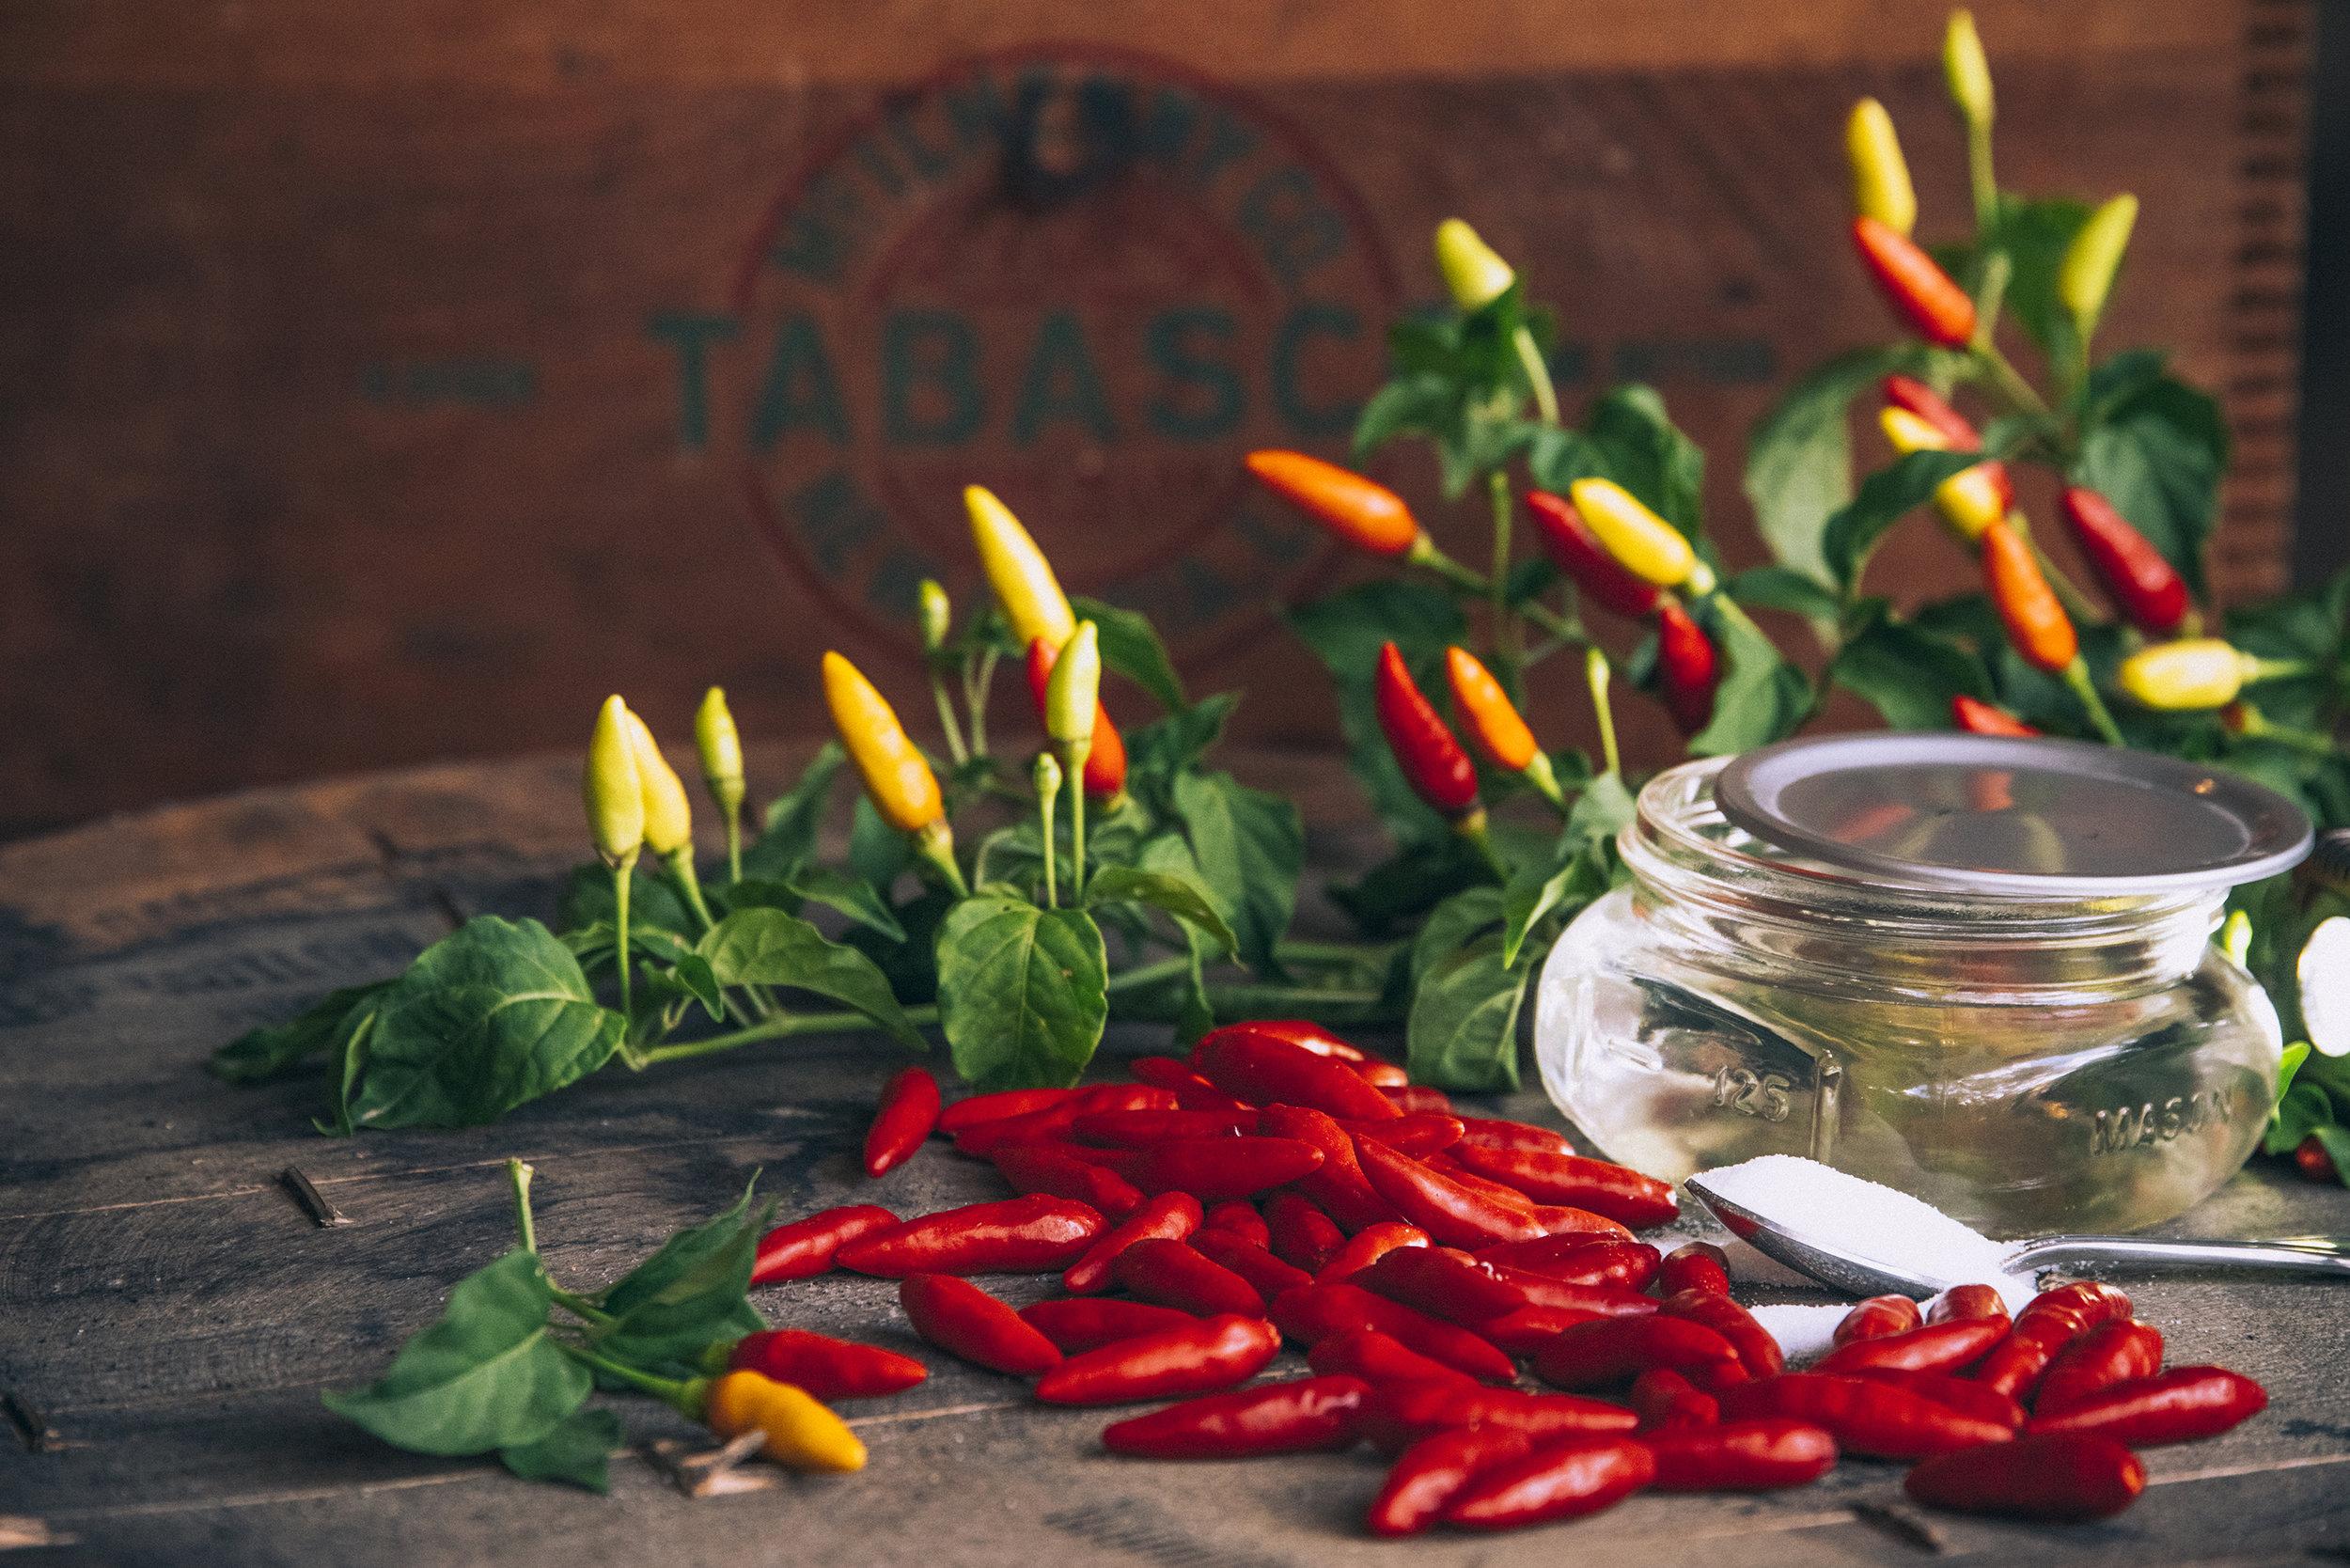 TABASCO_Ingredients_00004.jpg